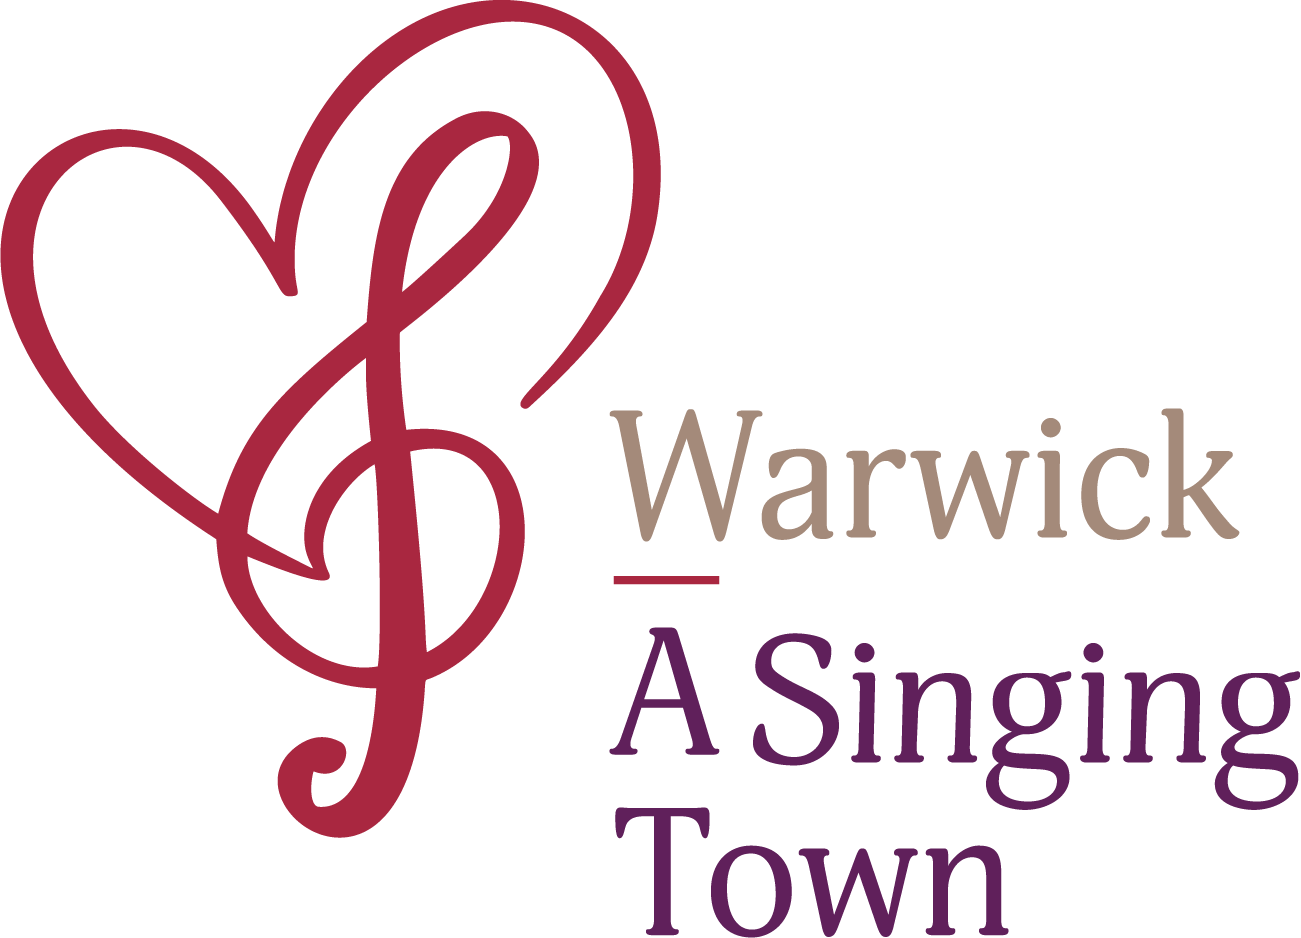 warwick - a singing town logo